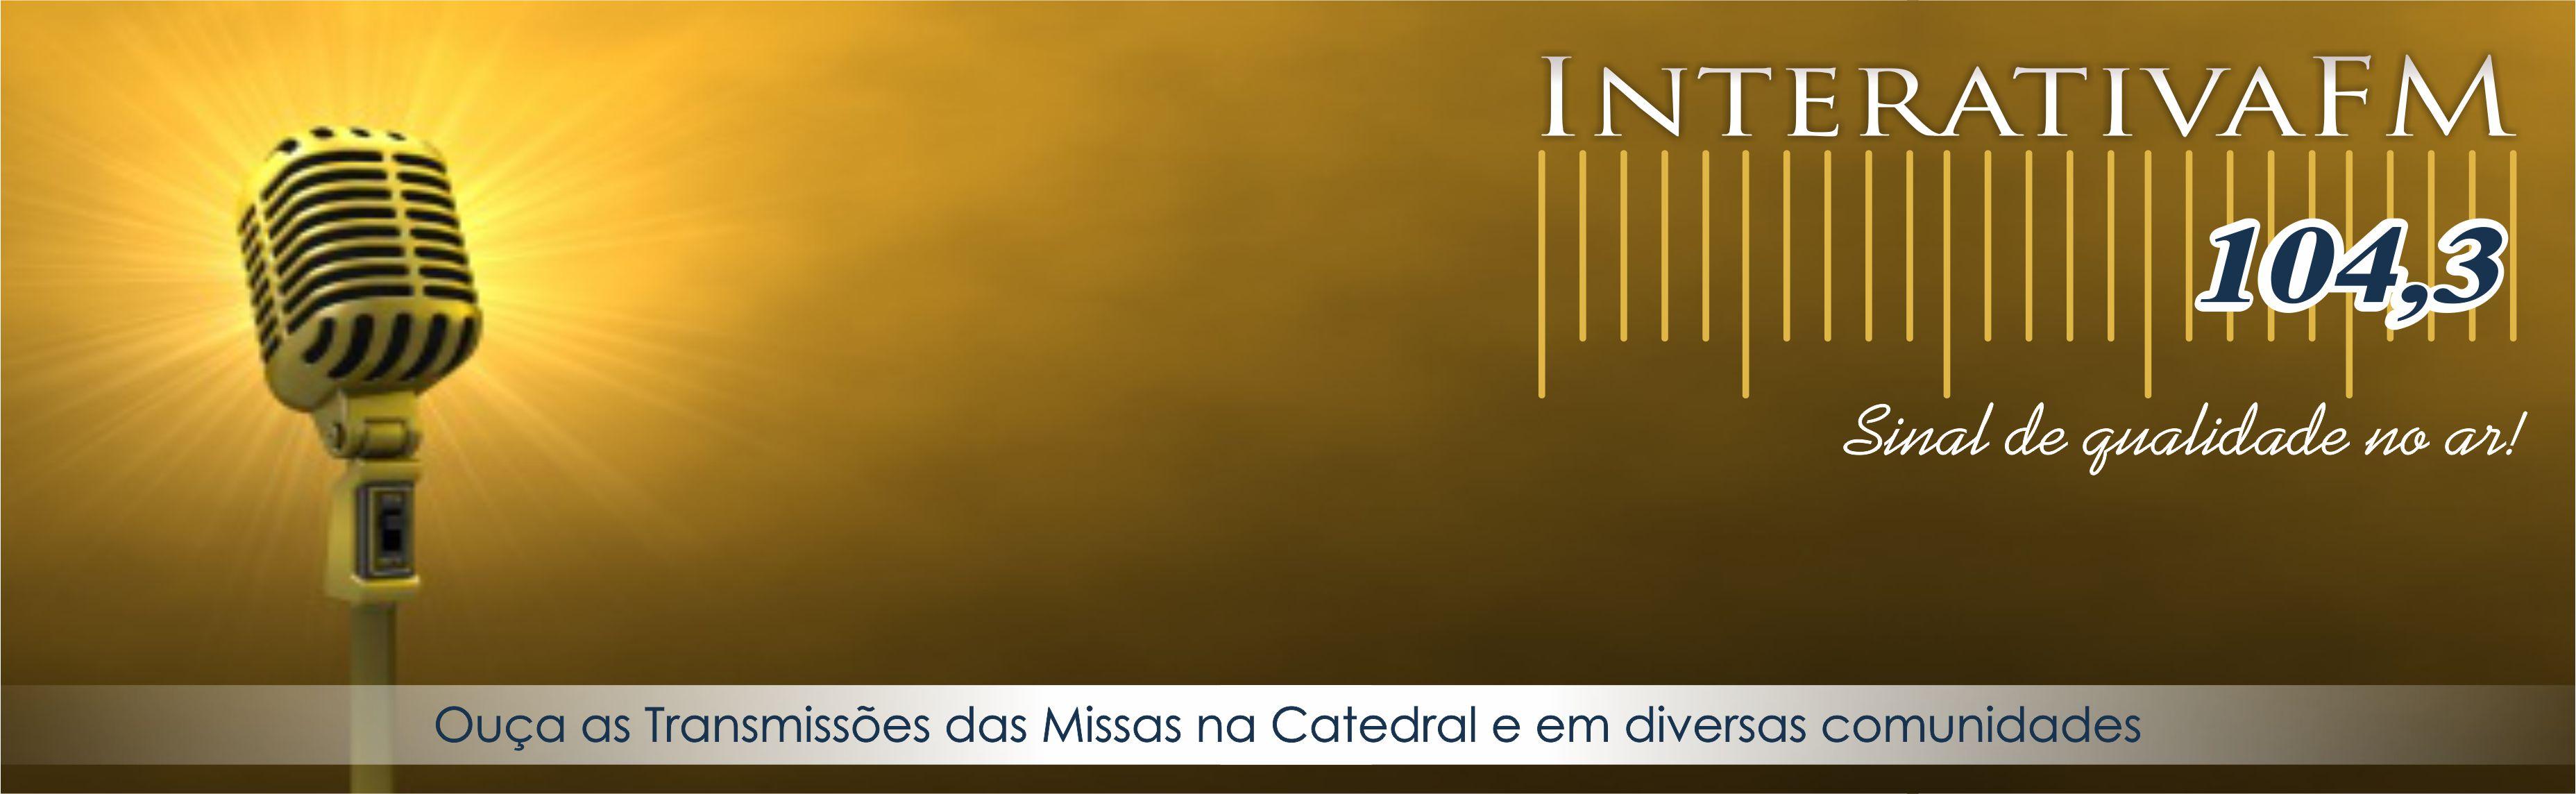 INTERATIVA_FM